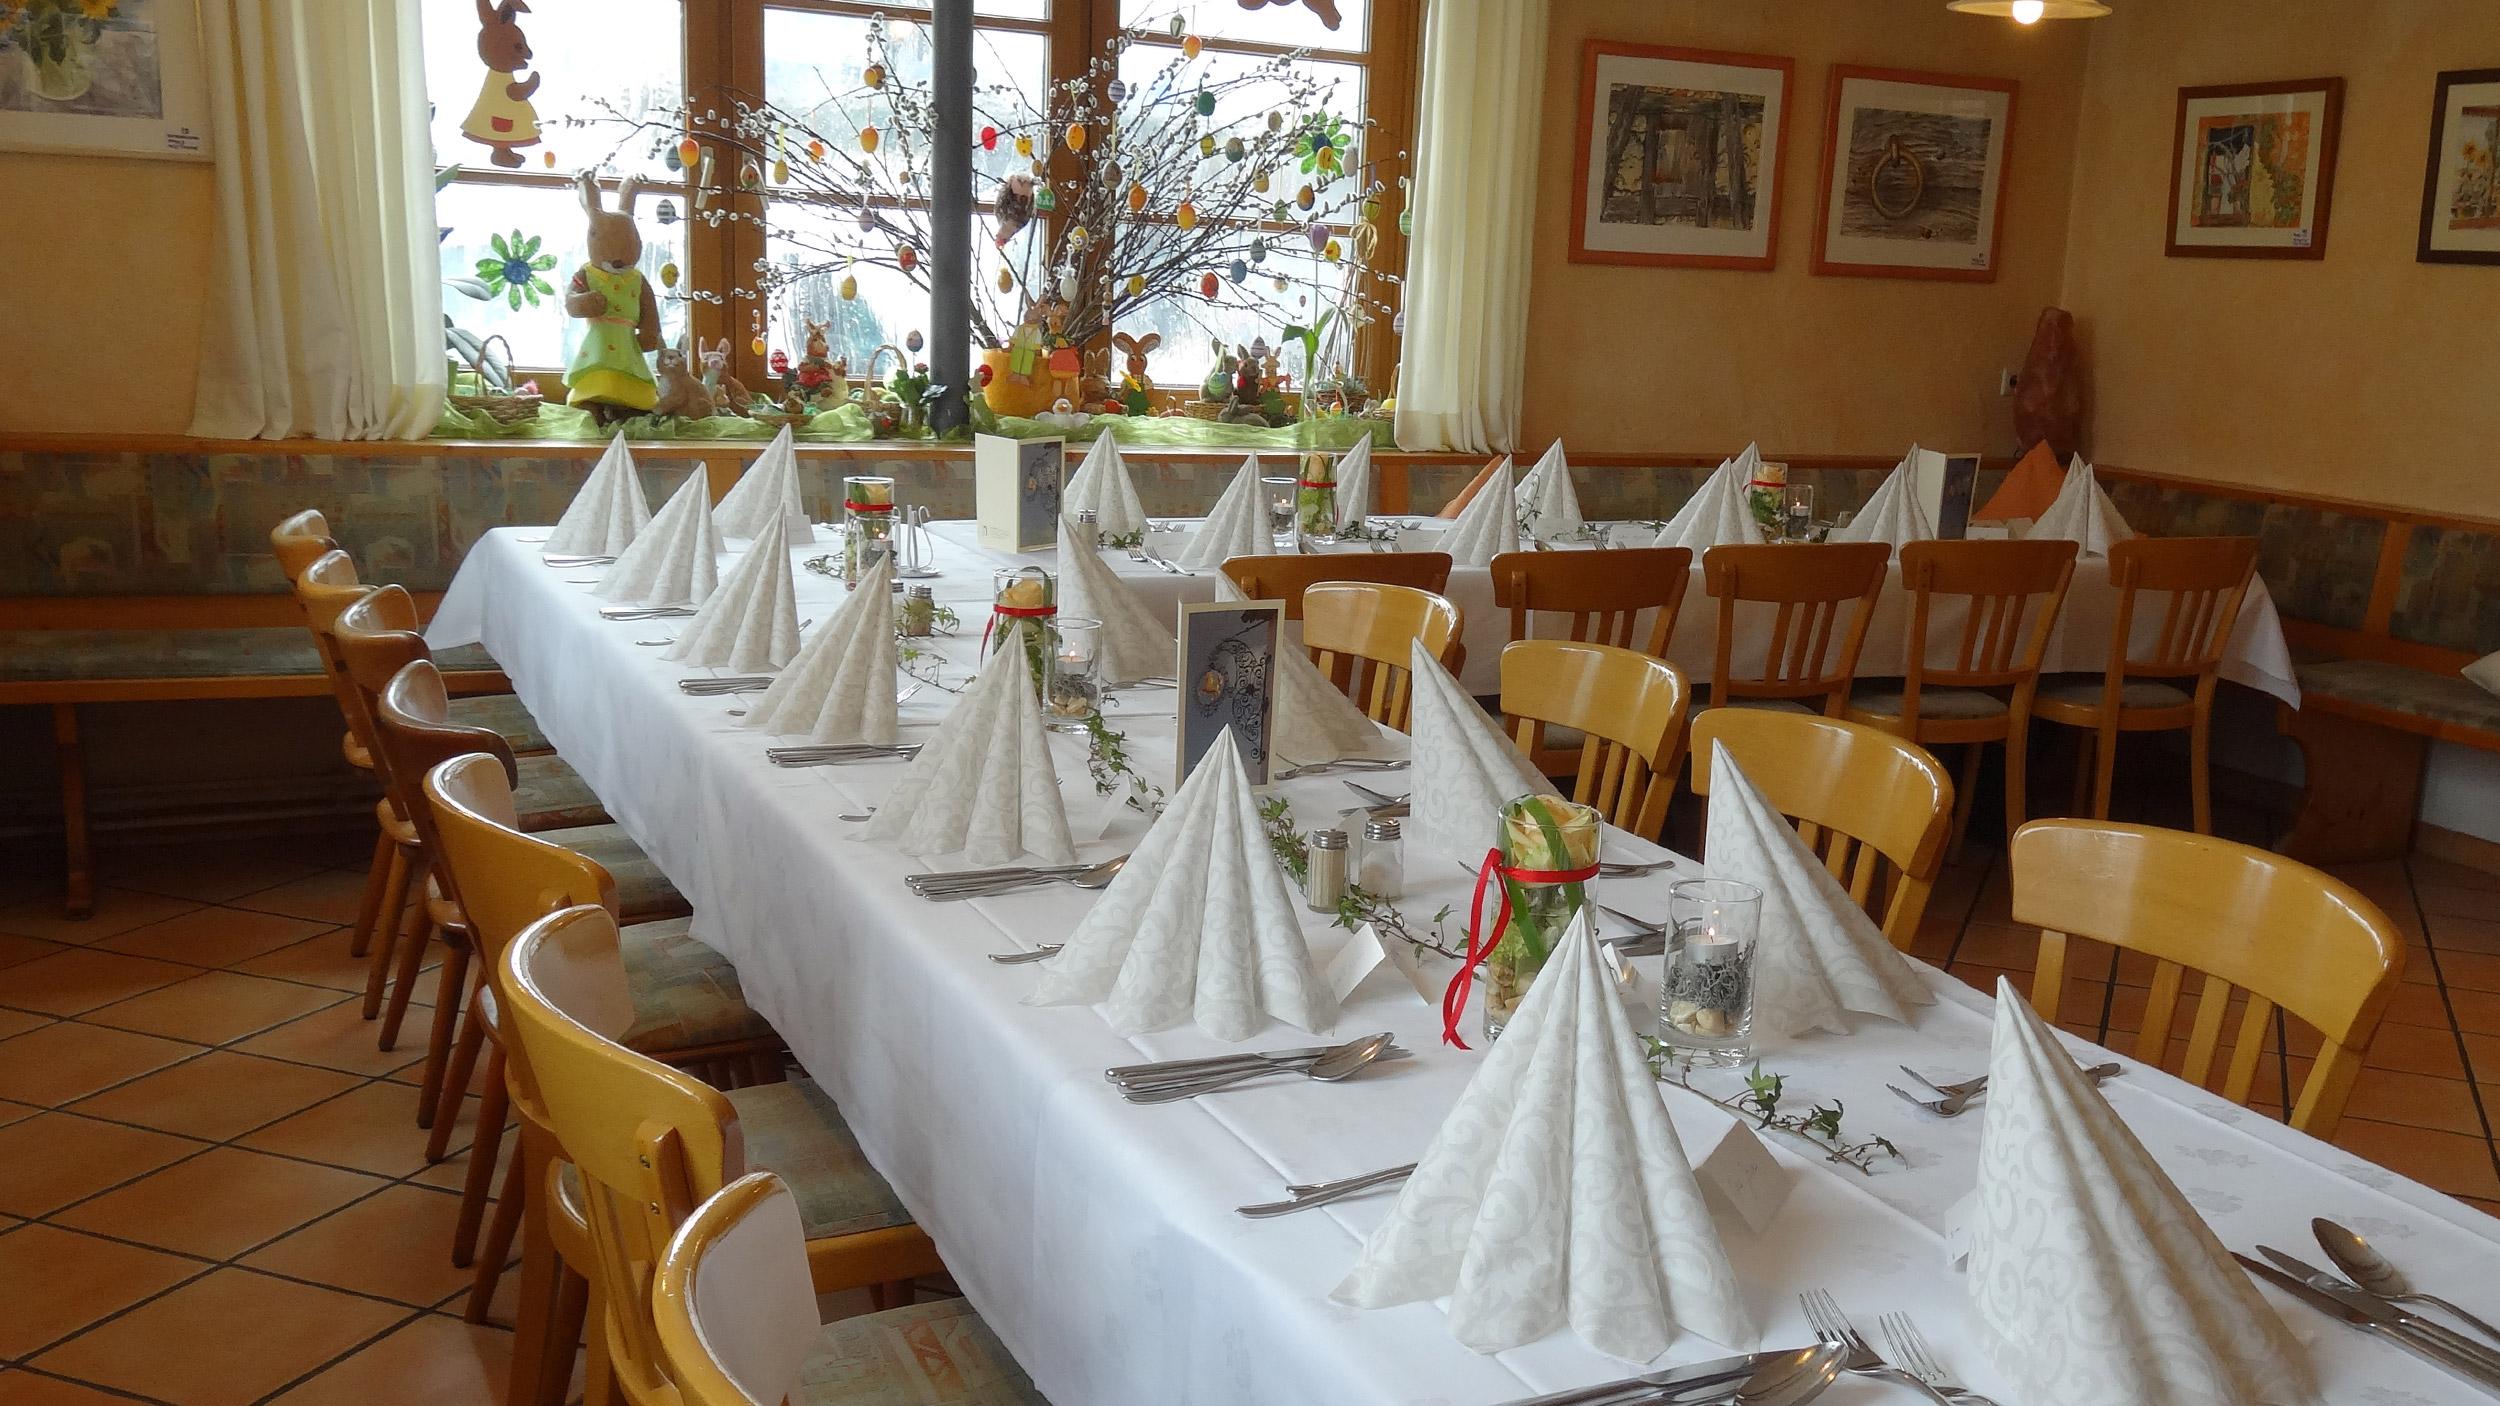 Feste feiern | Gasthof Rössle in Rangendingen